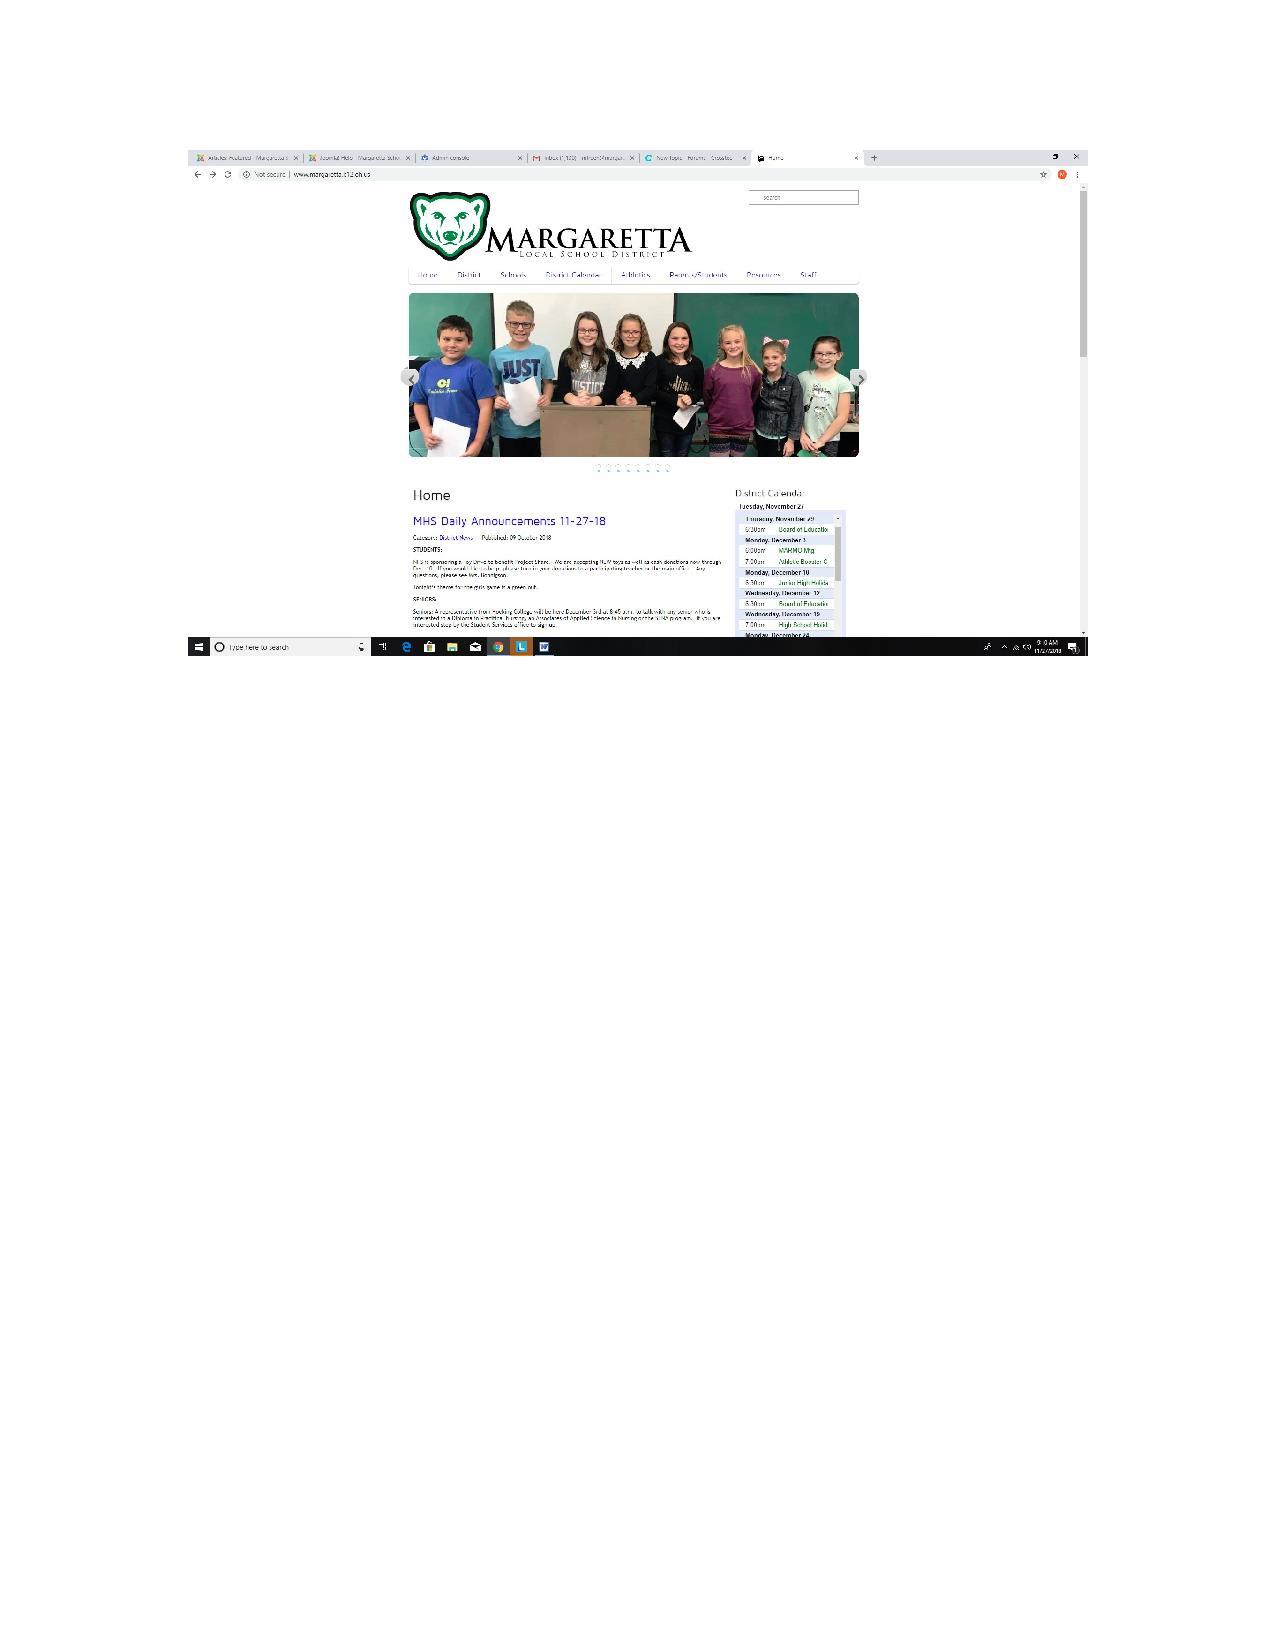 website-page-001.jpg